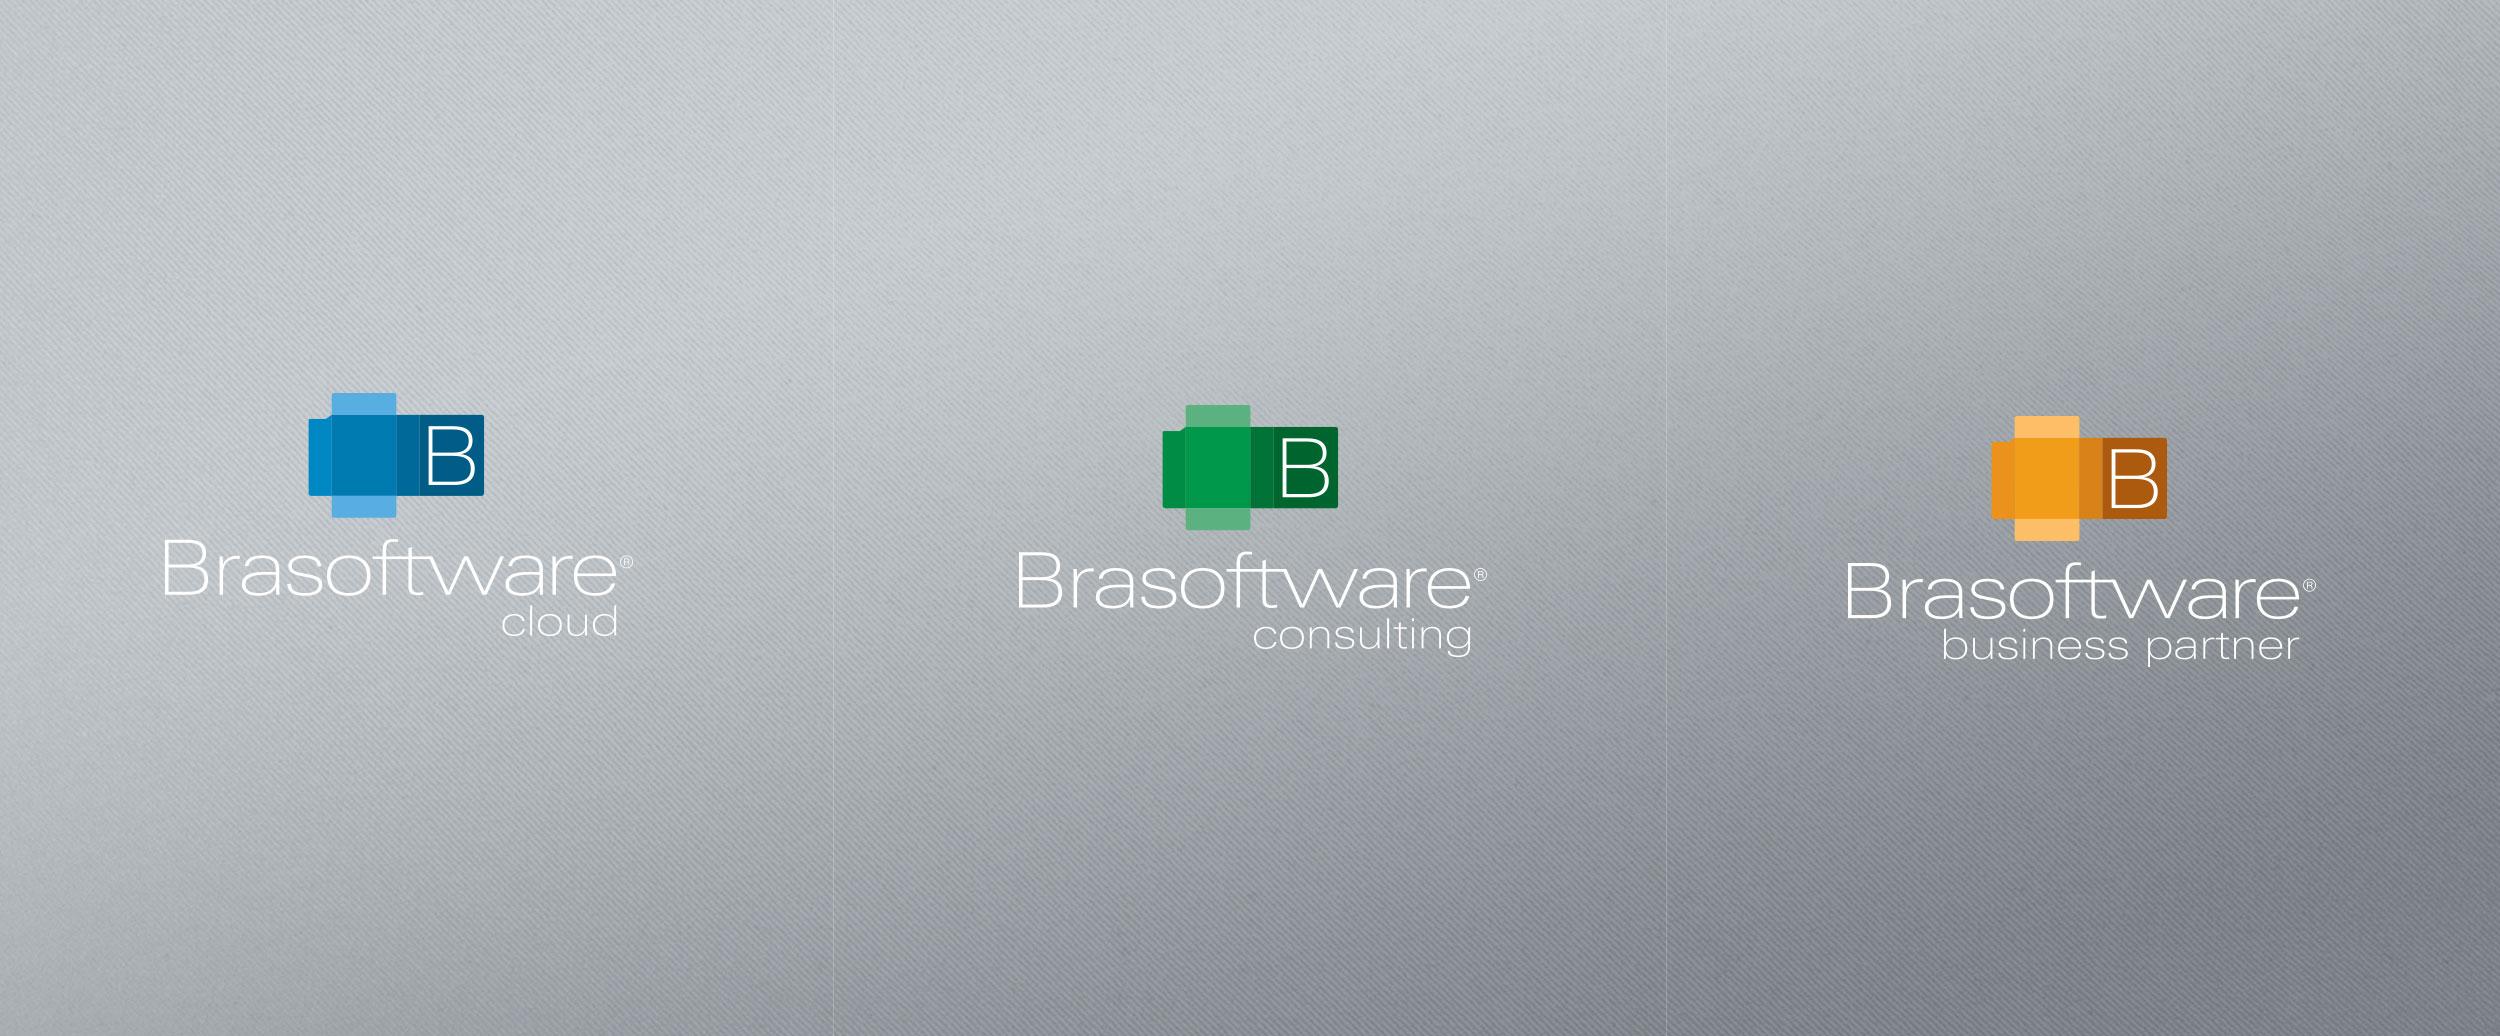 brasoftware_variacoes.jpg